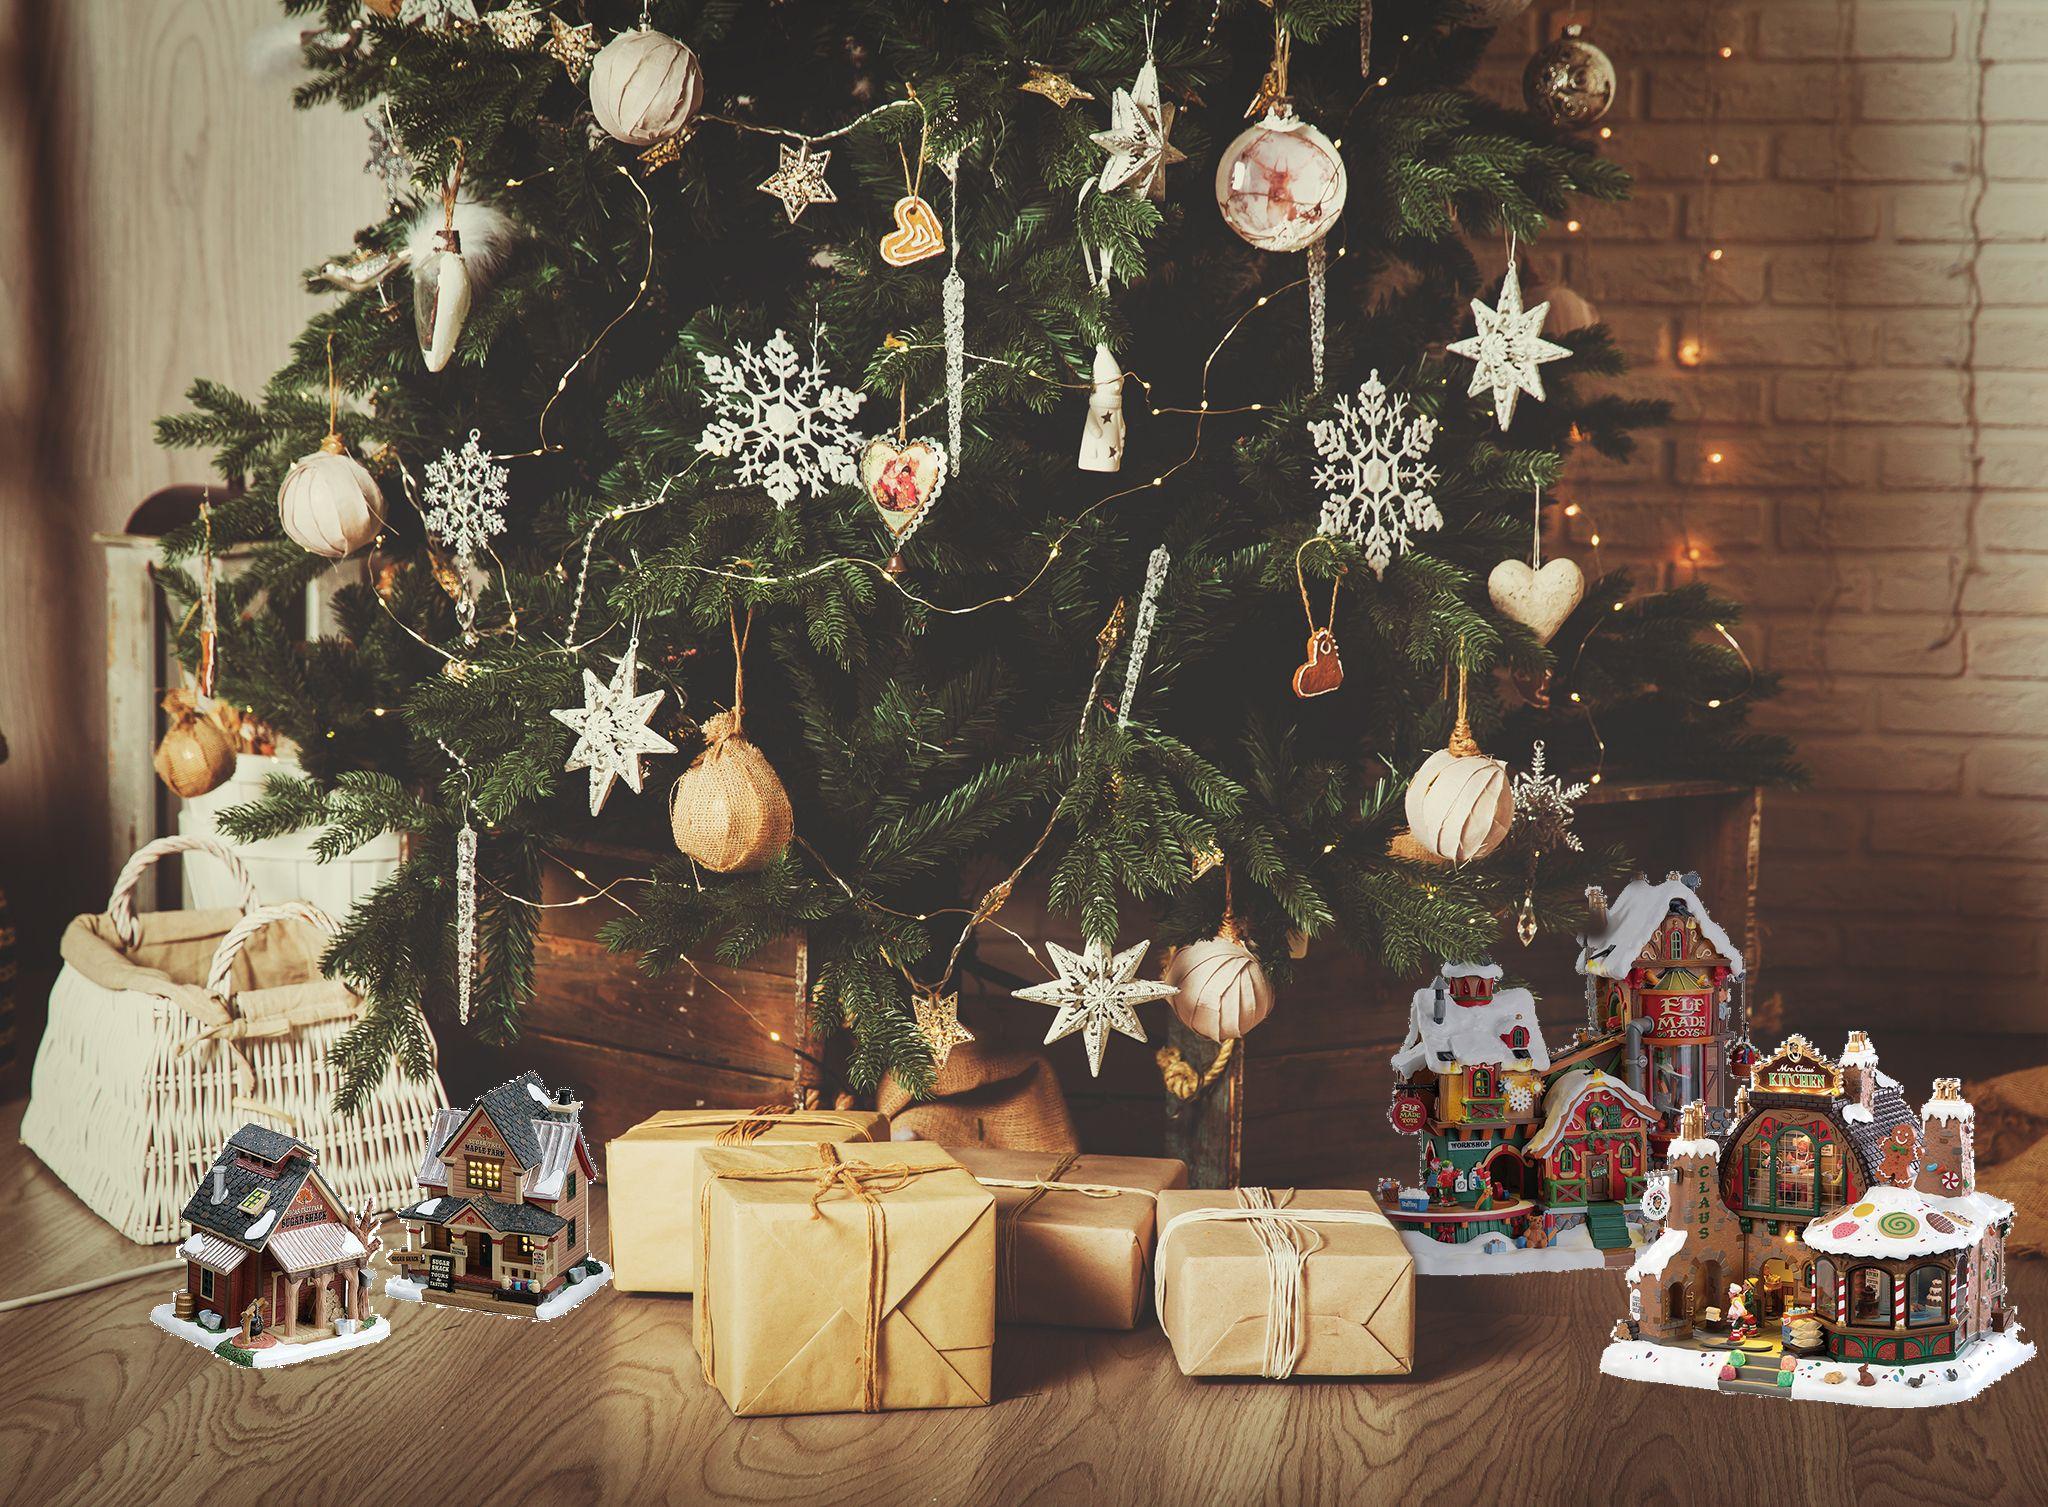 Petites Maisons Pour Mettre Sous Le Sapin Decoration Noel Decoration Fete Decoration Noel Exterieur